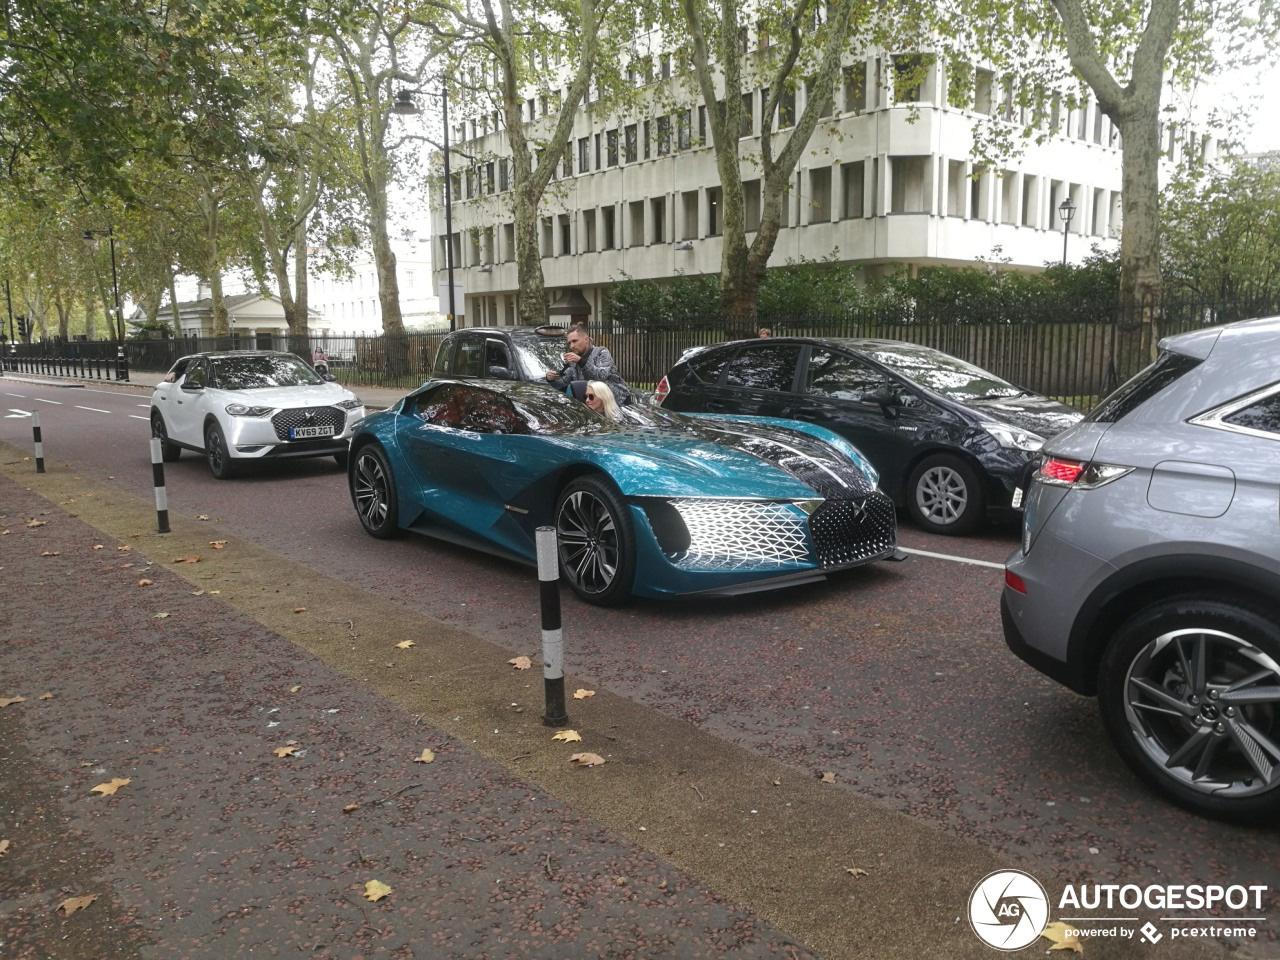 Supercarblondie stuurt Concept car van DS Automobiles door Londen